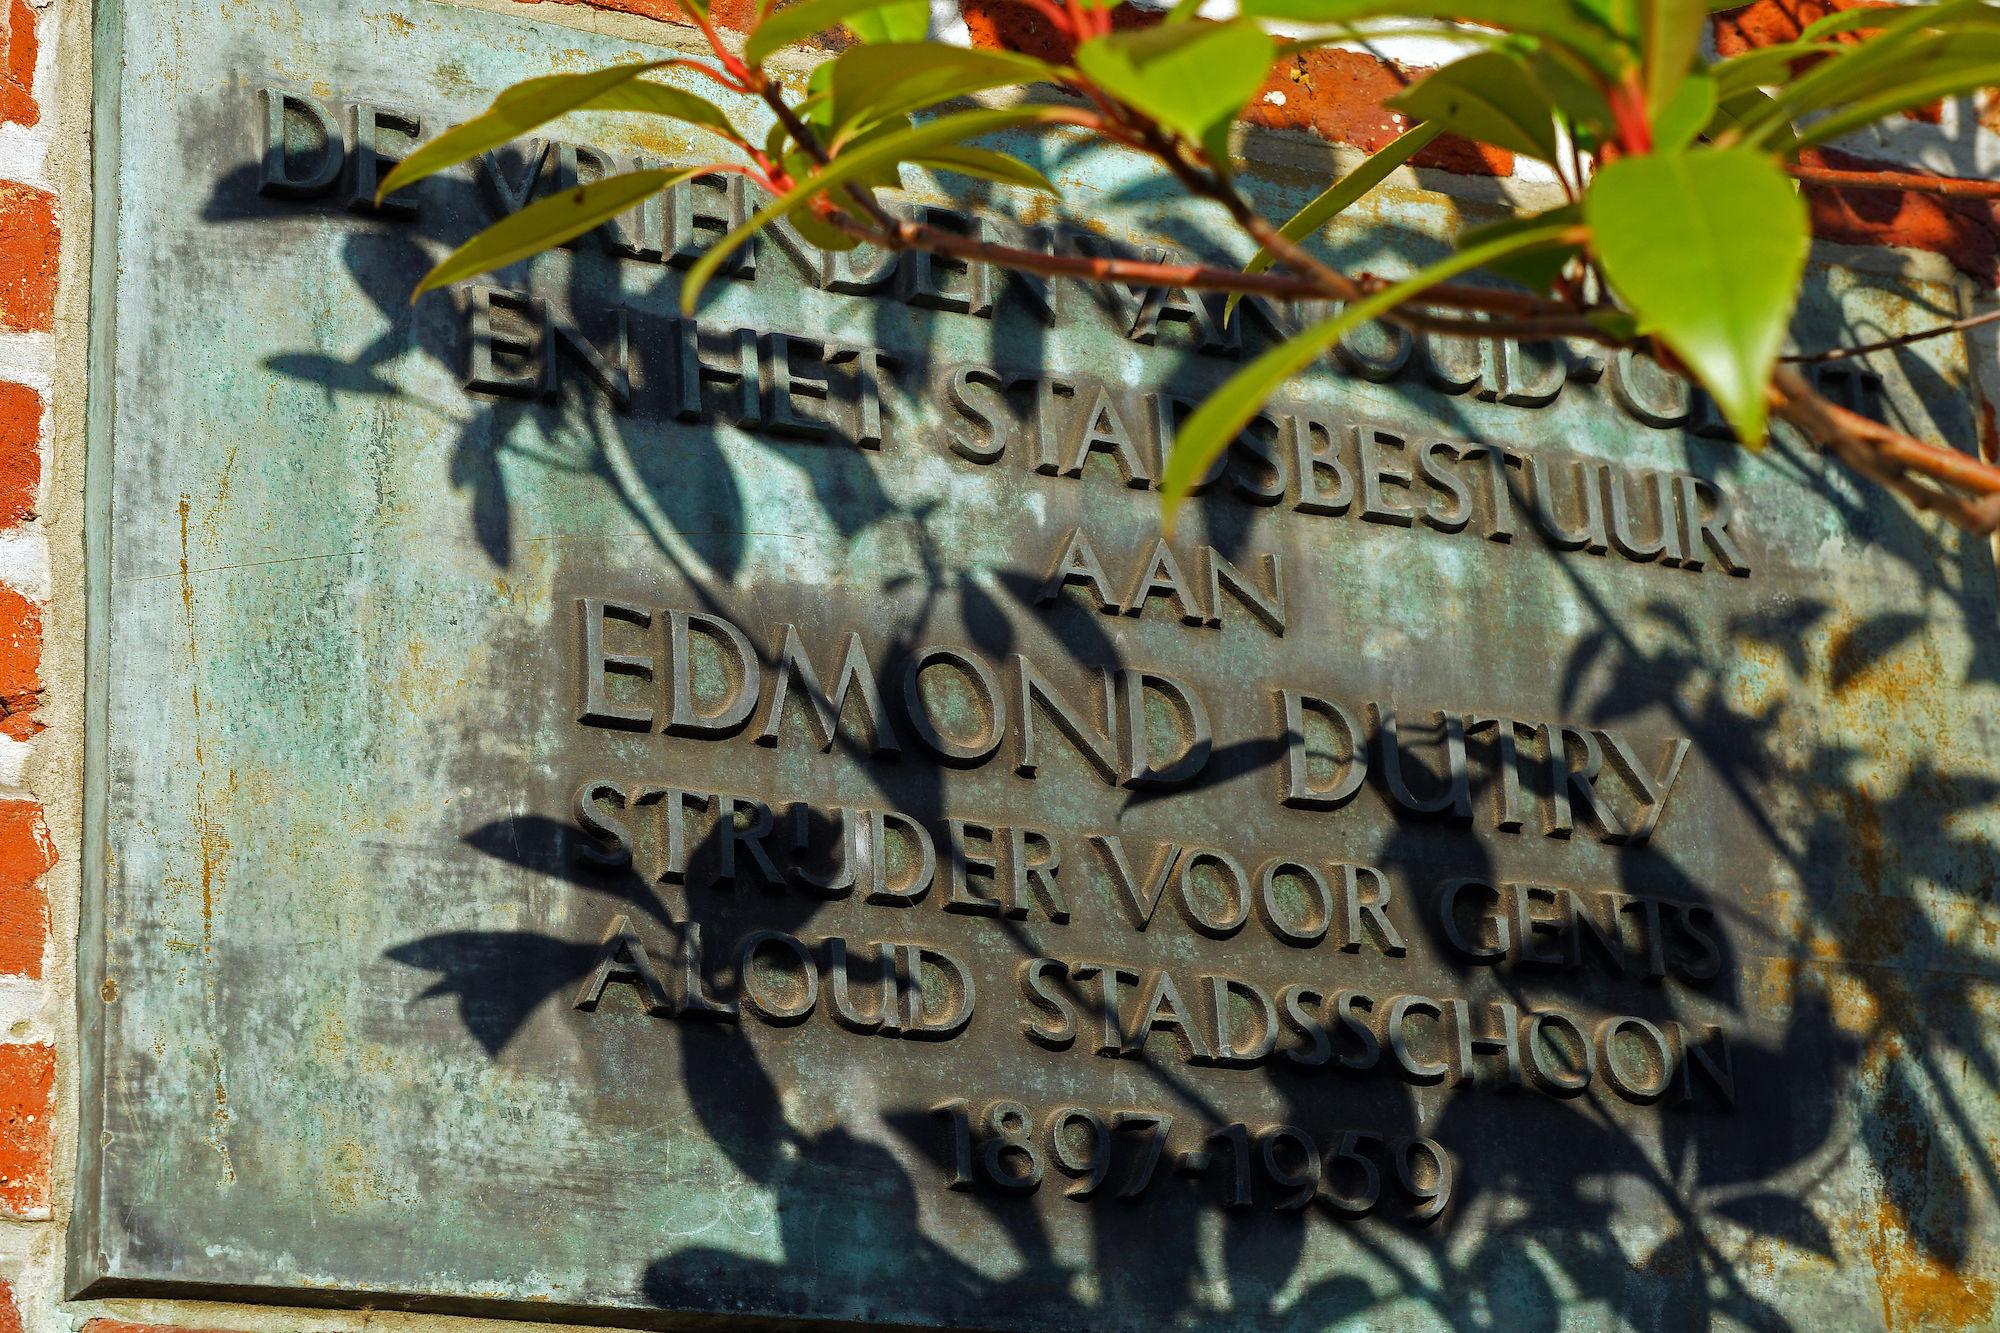 Gedenkplaat - Edmond Dutry